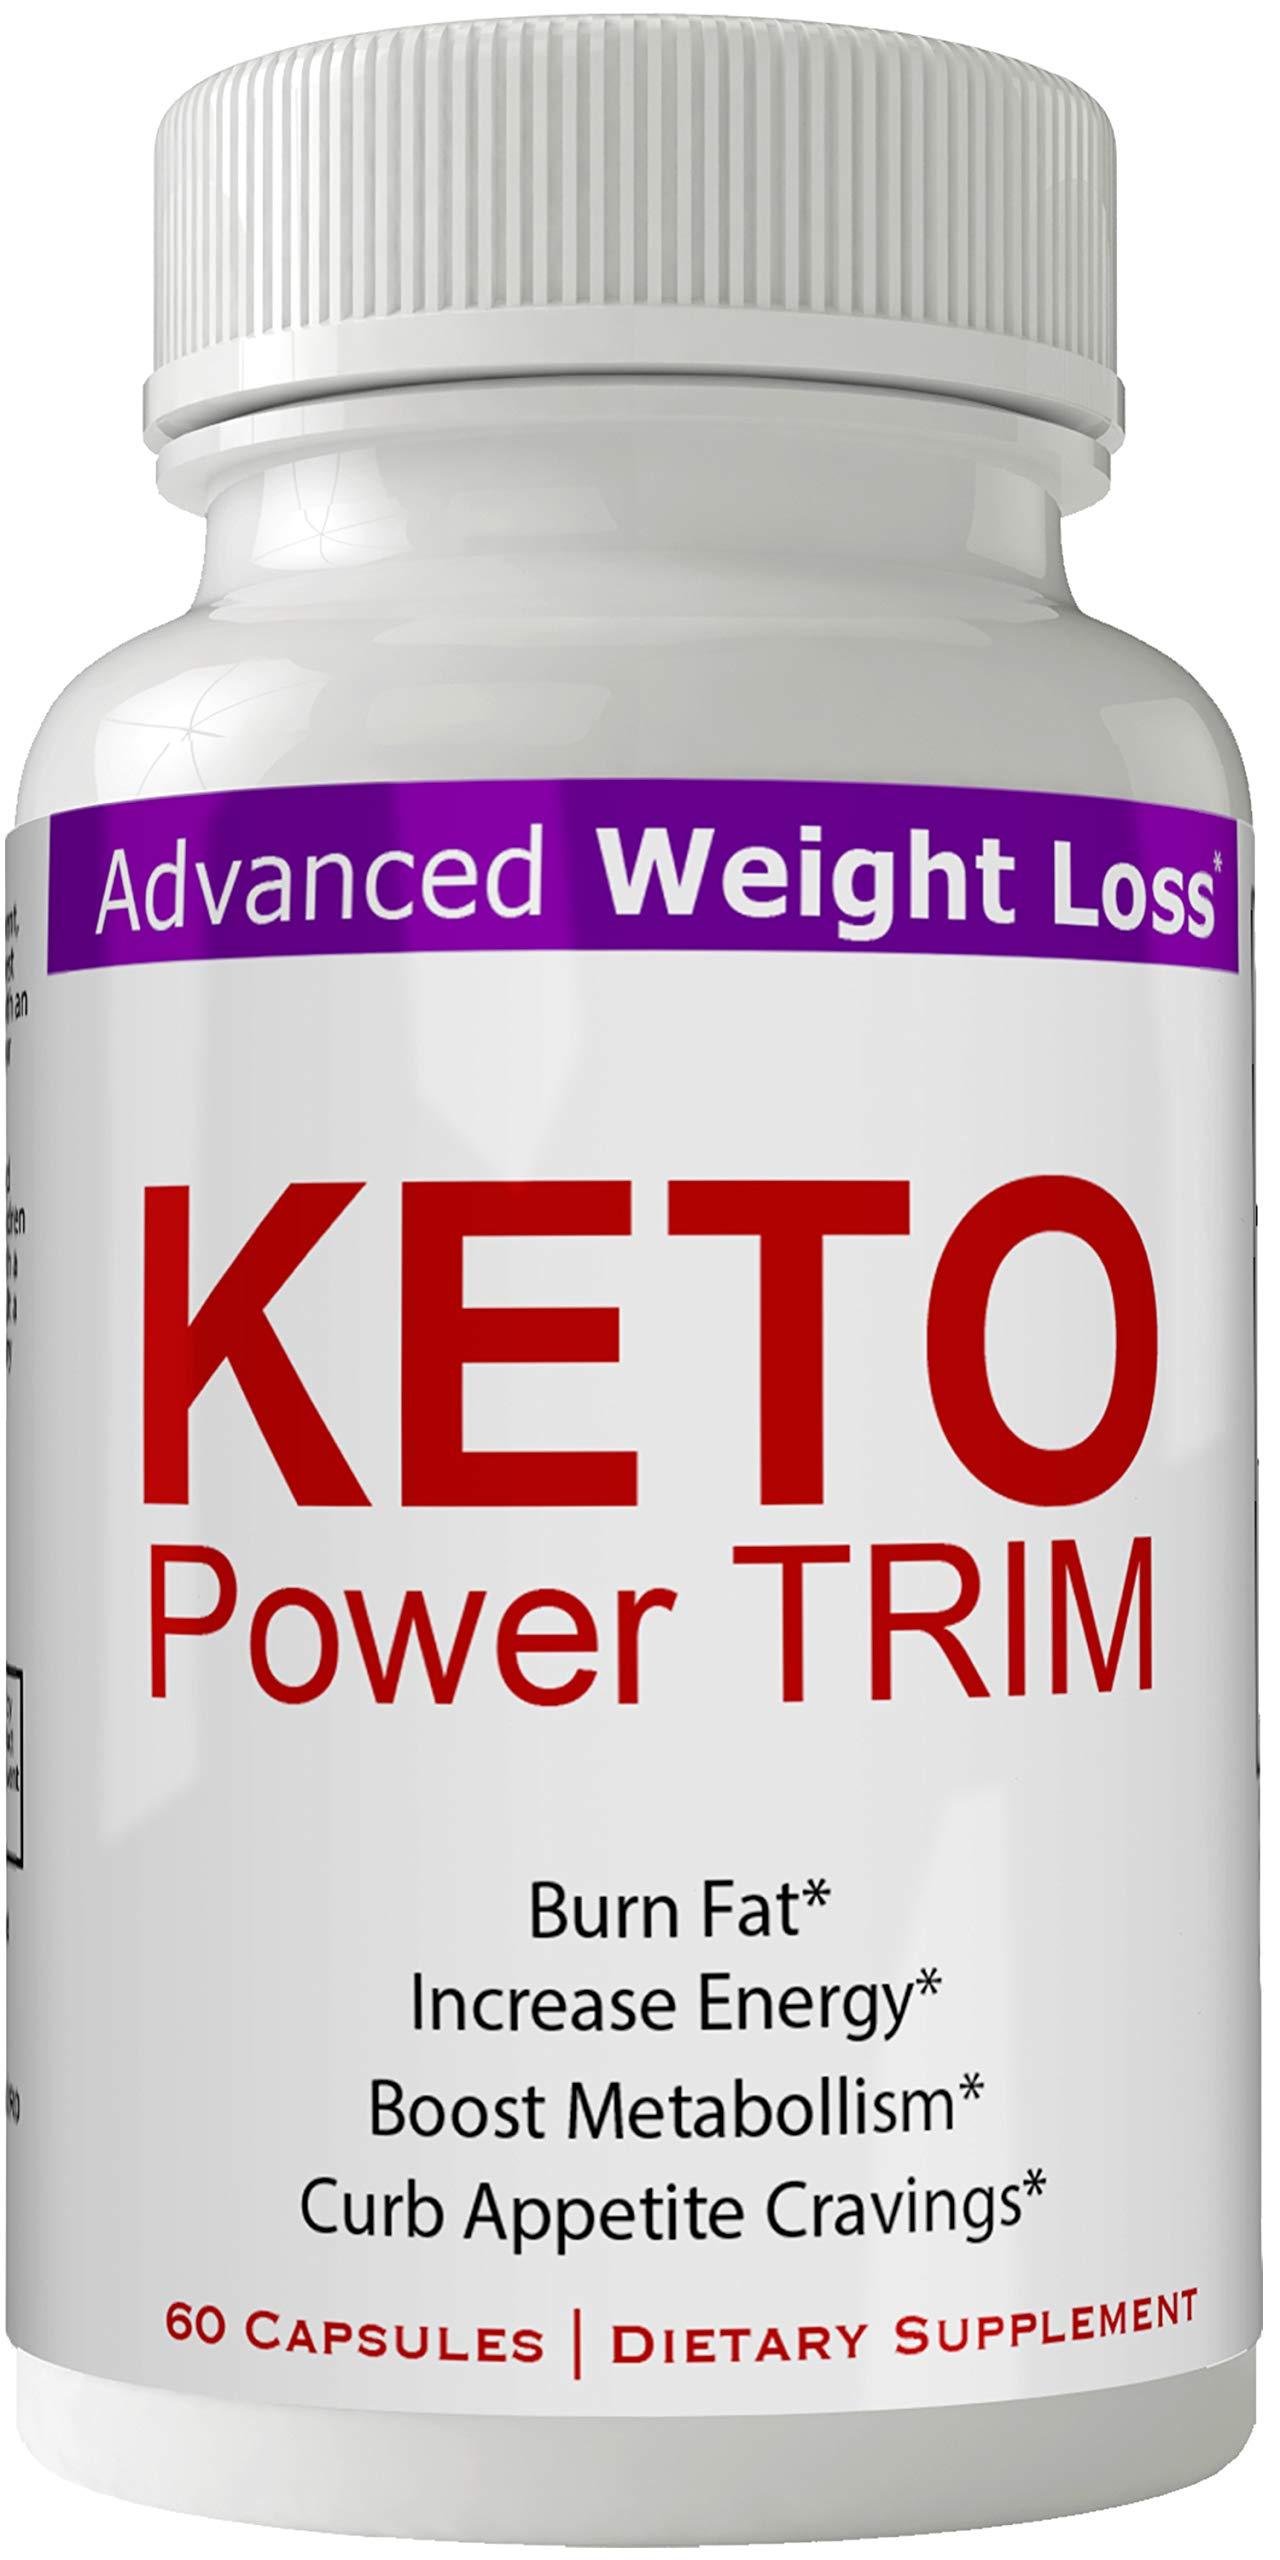 Keto Power Trim Weight Loss Pills - Keto Power Trim Pills Keto BHB Capsules Keto Trim Diet 60 Capsules Advanced Weight Loss 800 mg Formula Supplements - Keto BHB Exogenous Ketones Keton Salts Tablets